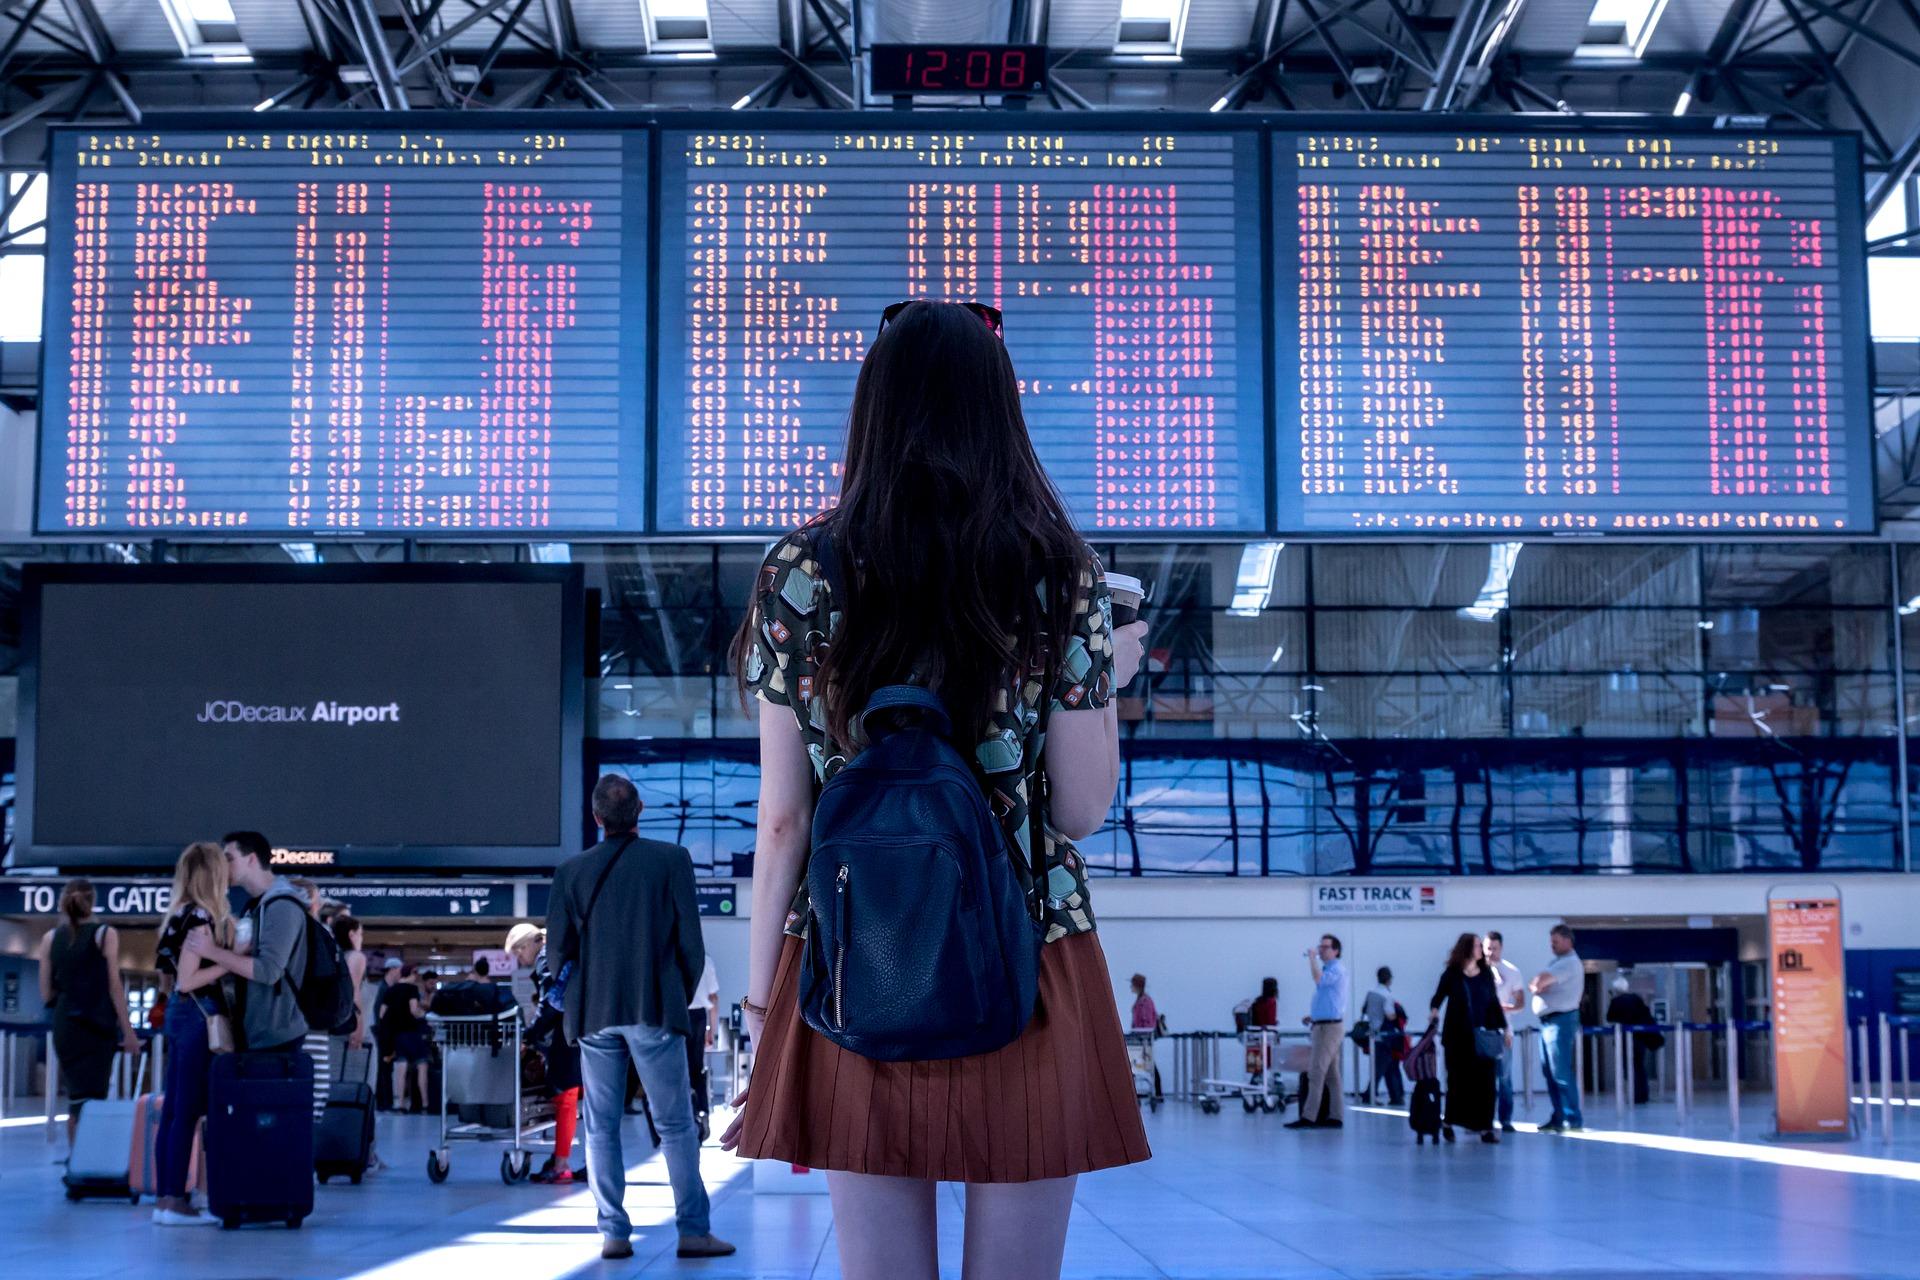 que tan seguro es viajar a mexico, mexico seguridad, viajes a mexico, viajes baratos por mexico, mexico informacion seguridad viajes